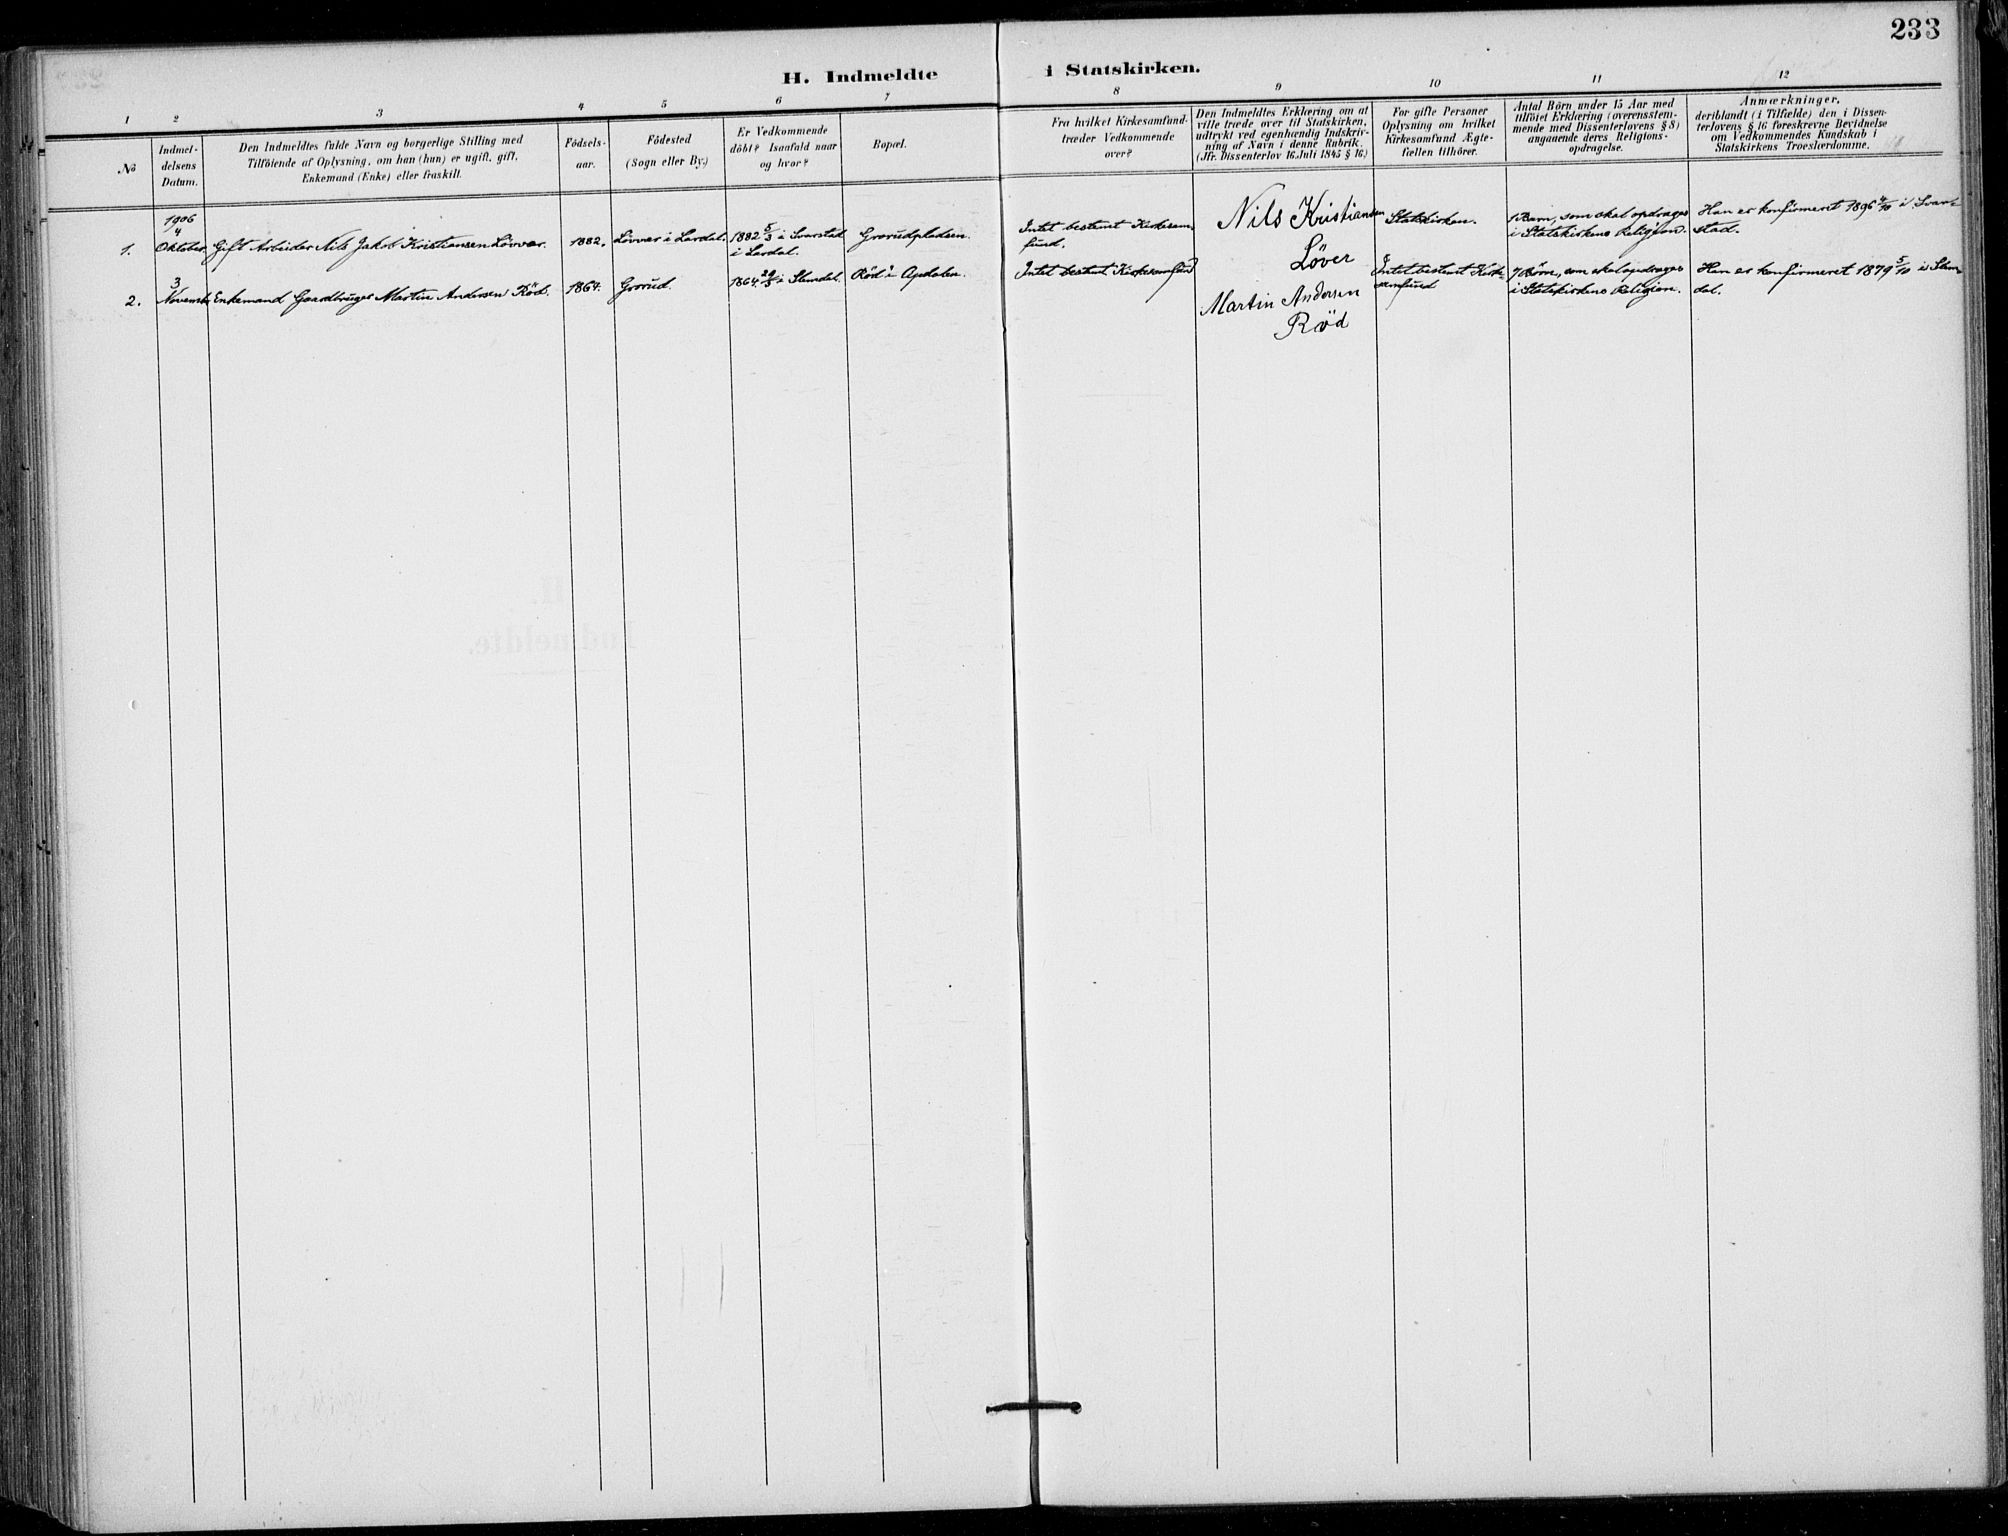 SAKO, Siljan kirkebøker, F/Fa/L0003: Ministerialbok nr. 3, 1896-1910, s. 233